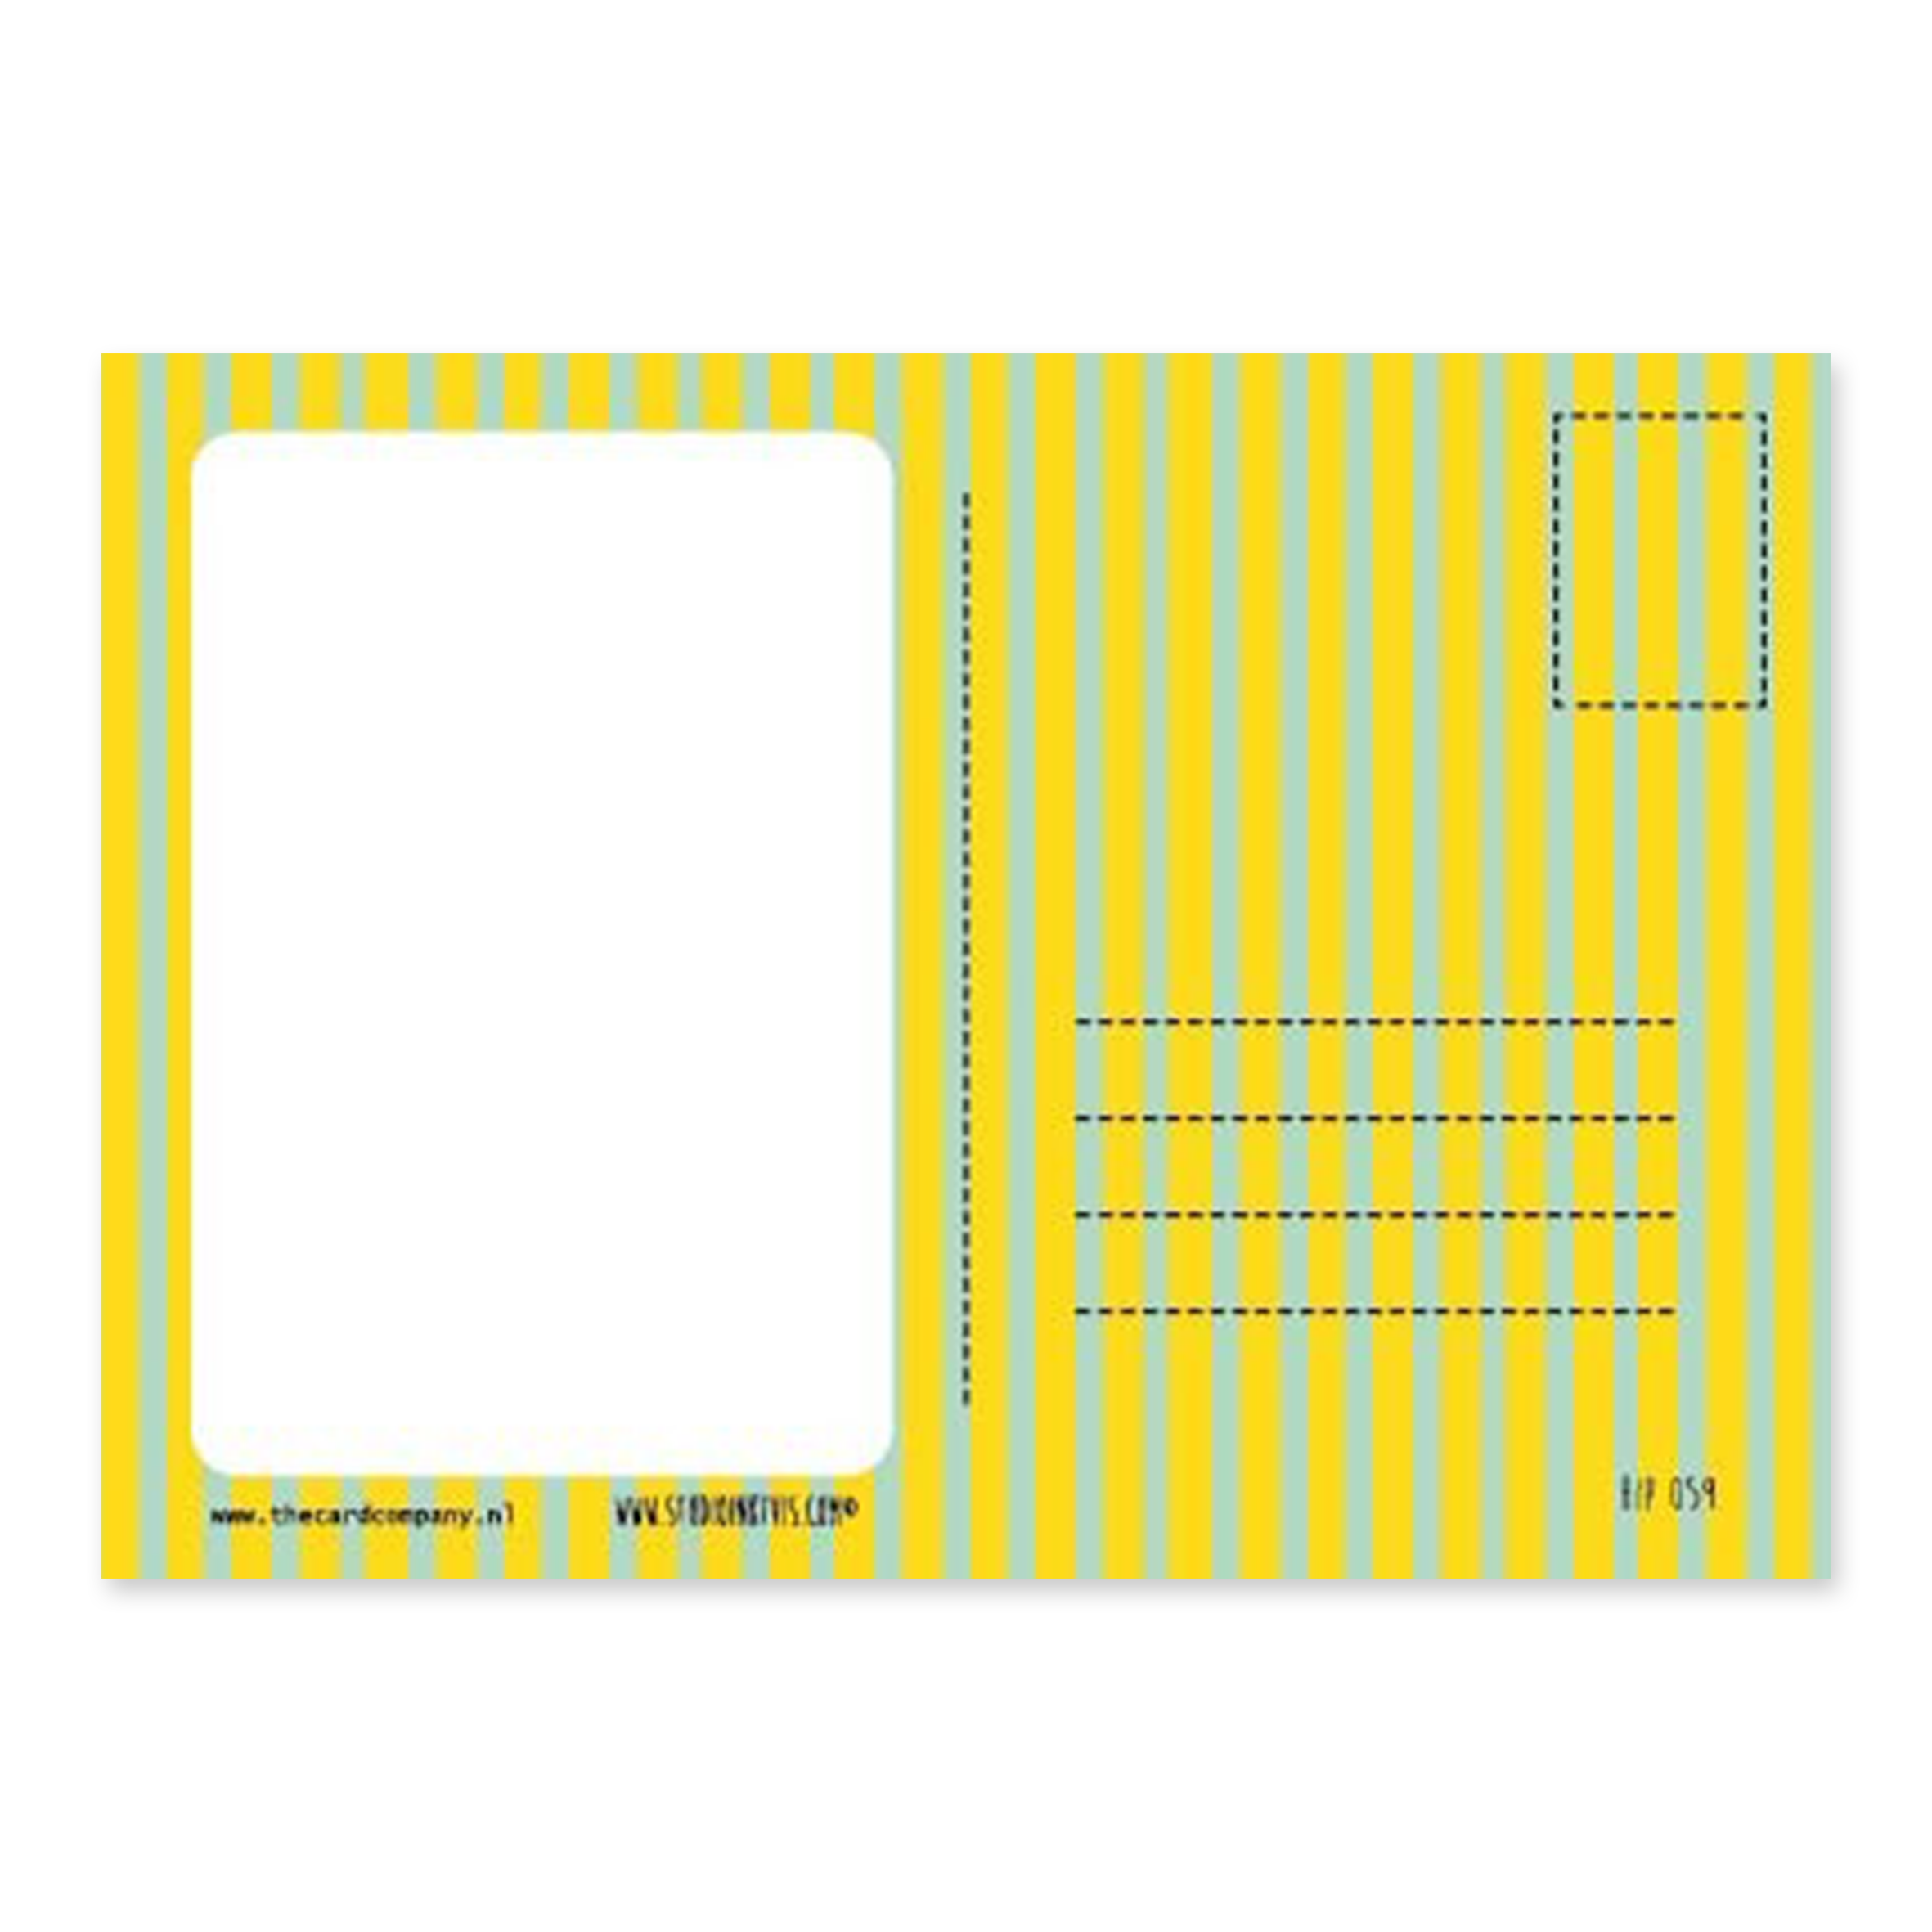 studioinktvis-kaart-youandmemakearainbow-achterkant